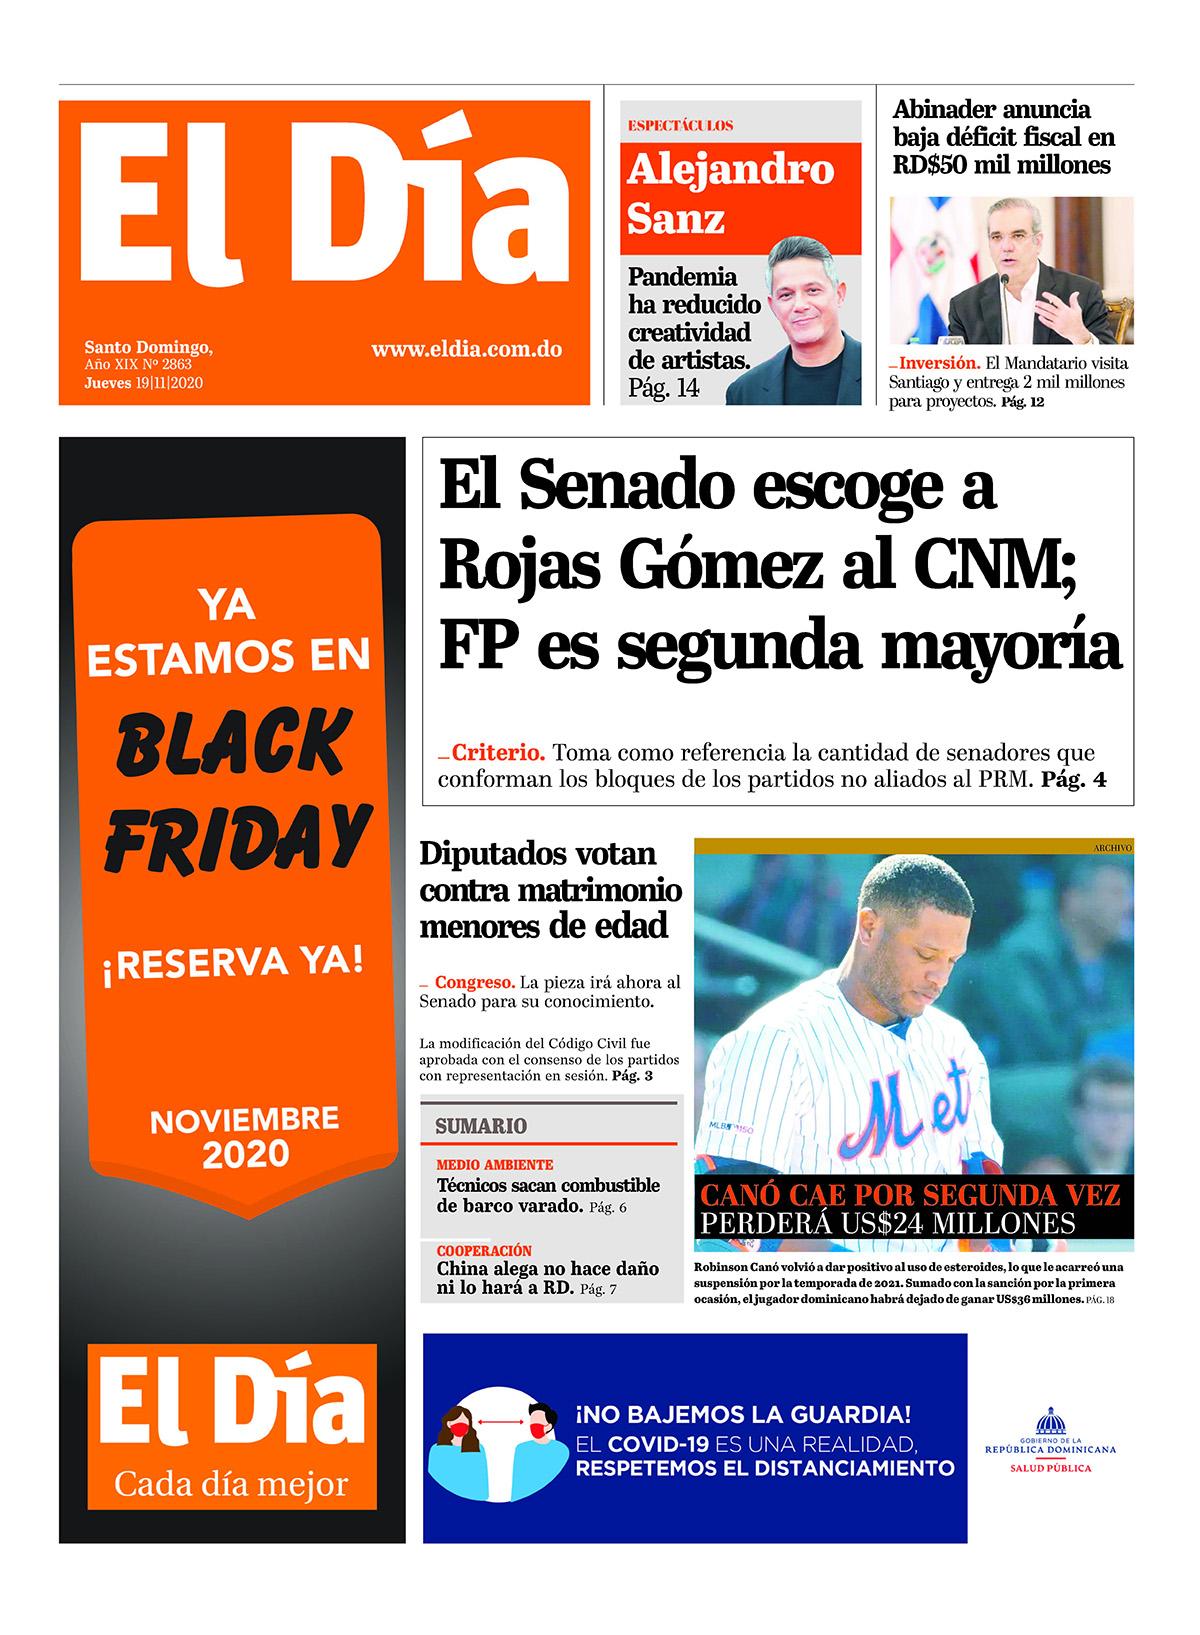 Portada Periódico El Día, Viernes 20 de Noviembre, 2020